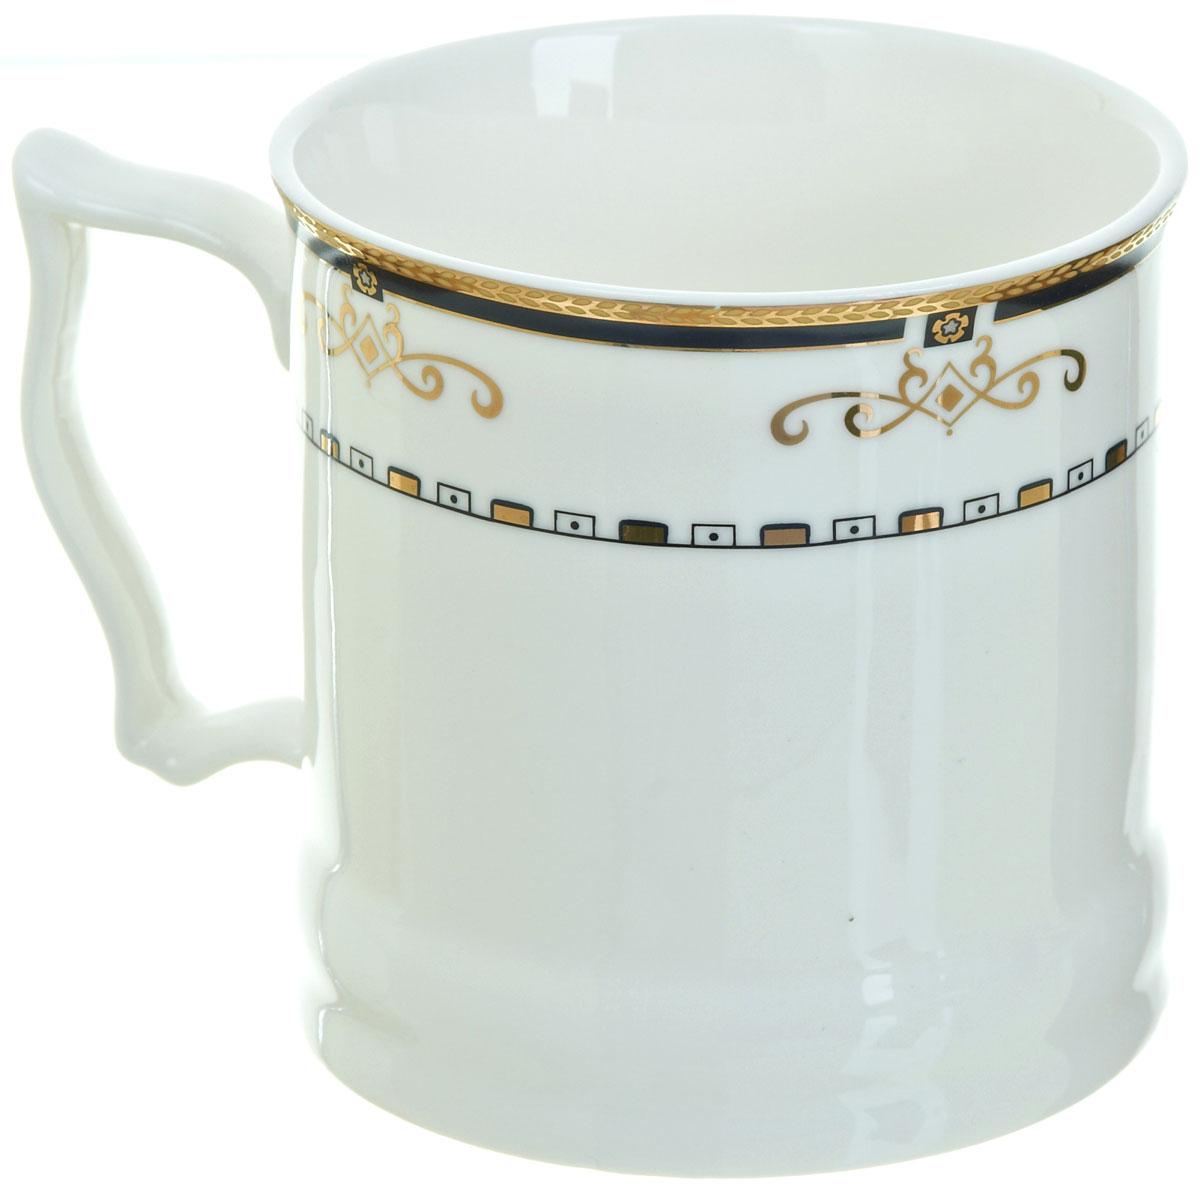 Кружка BHP Королевская кружка, 500 мл. M1870005115510Оригинальная кружка Best Home Porcelain, выполненная из высококачественного фарфора, сочетает в себе простой, утонченный дизайн с максимальной функциональностью. Оригинальность оформления придутся по вкусу тем, кто ценит индивидуальность.Можно использовать в посудомоечной машине.